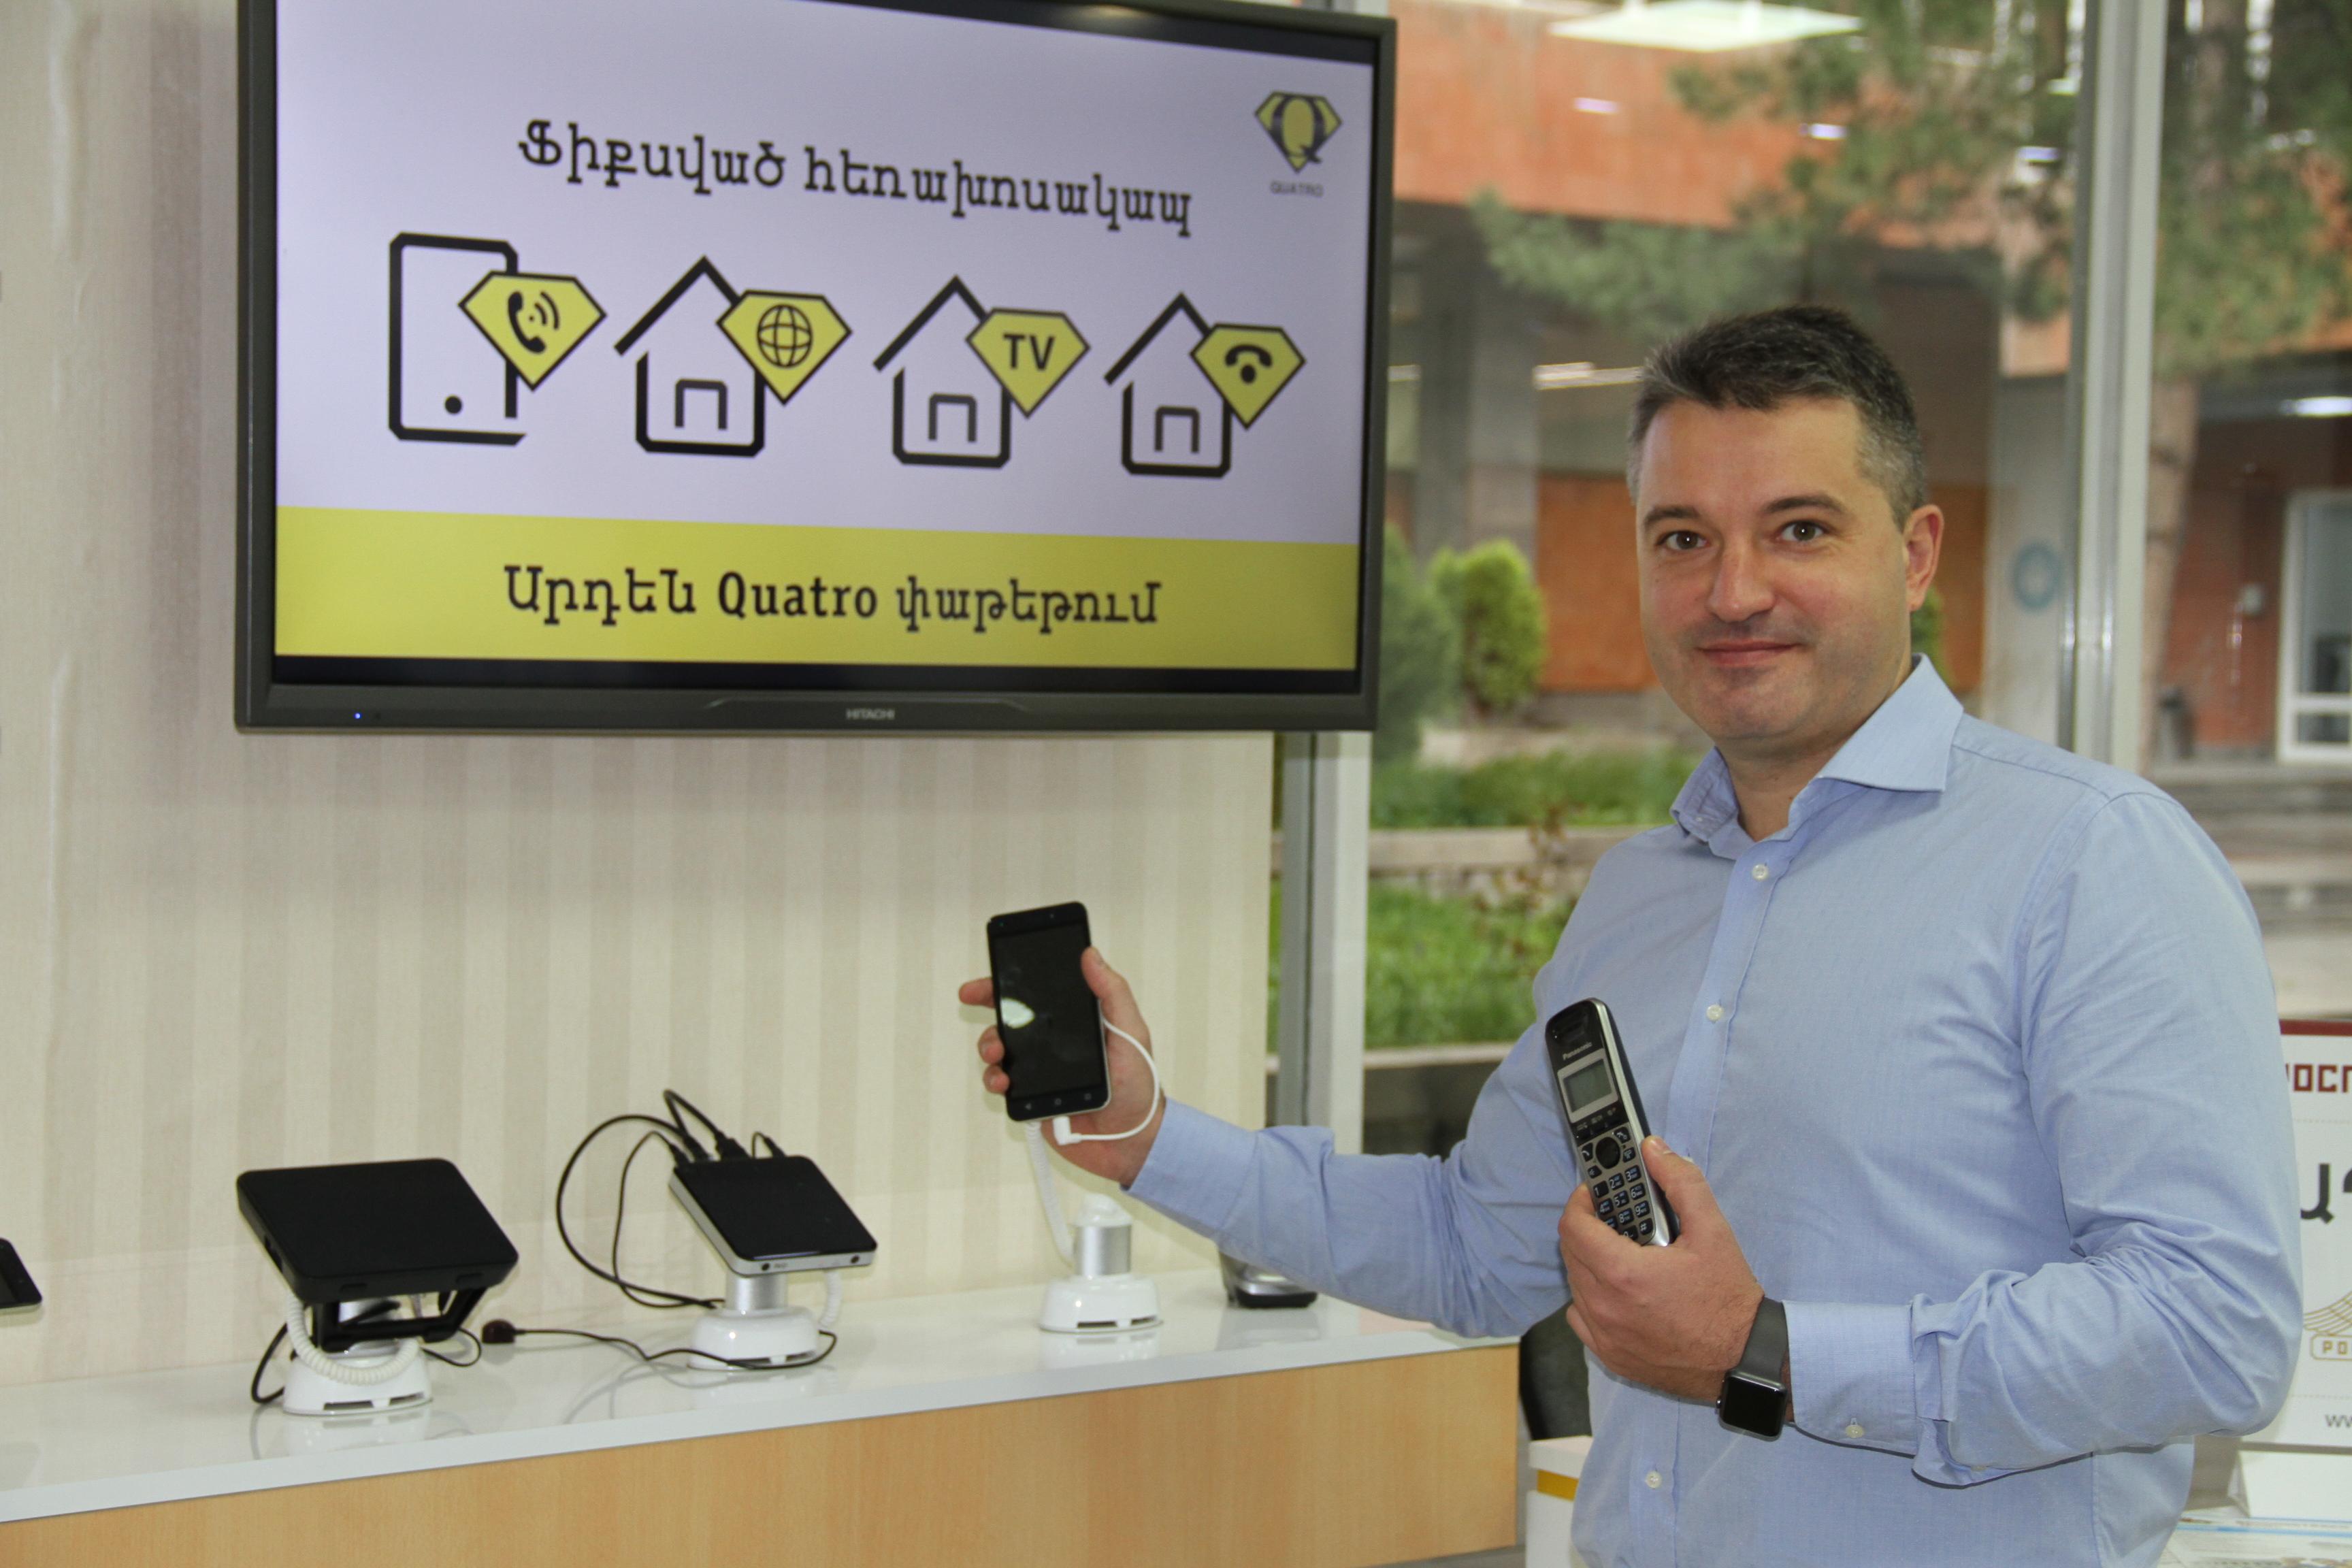 Քաղաքային հեռախոսակապը ներառվել է Quatro ծառայությունների փաթեթներում